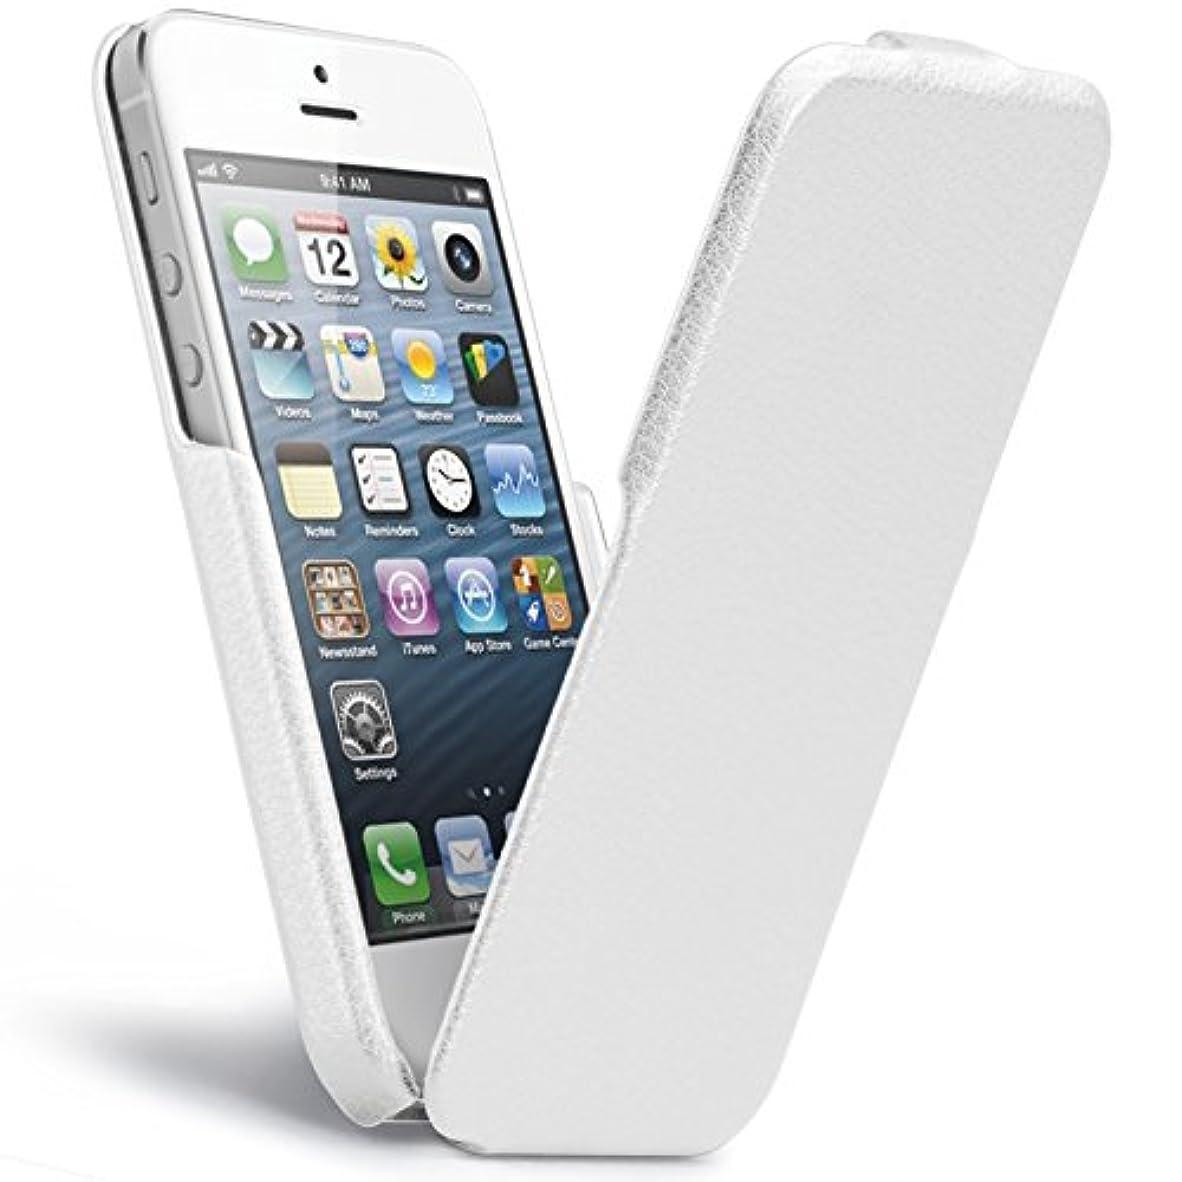 強制的離婚夜間Case-Mate iPhone SE/iPhone 5s / iPhone 5 Signature Flip Case, White シグネイチャー フリップ ハンドメイド 本革レザー ケース, ホワイト CM022840